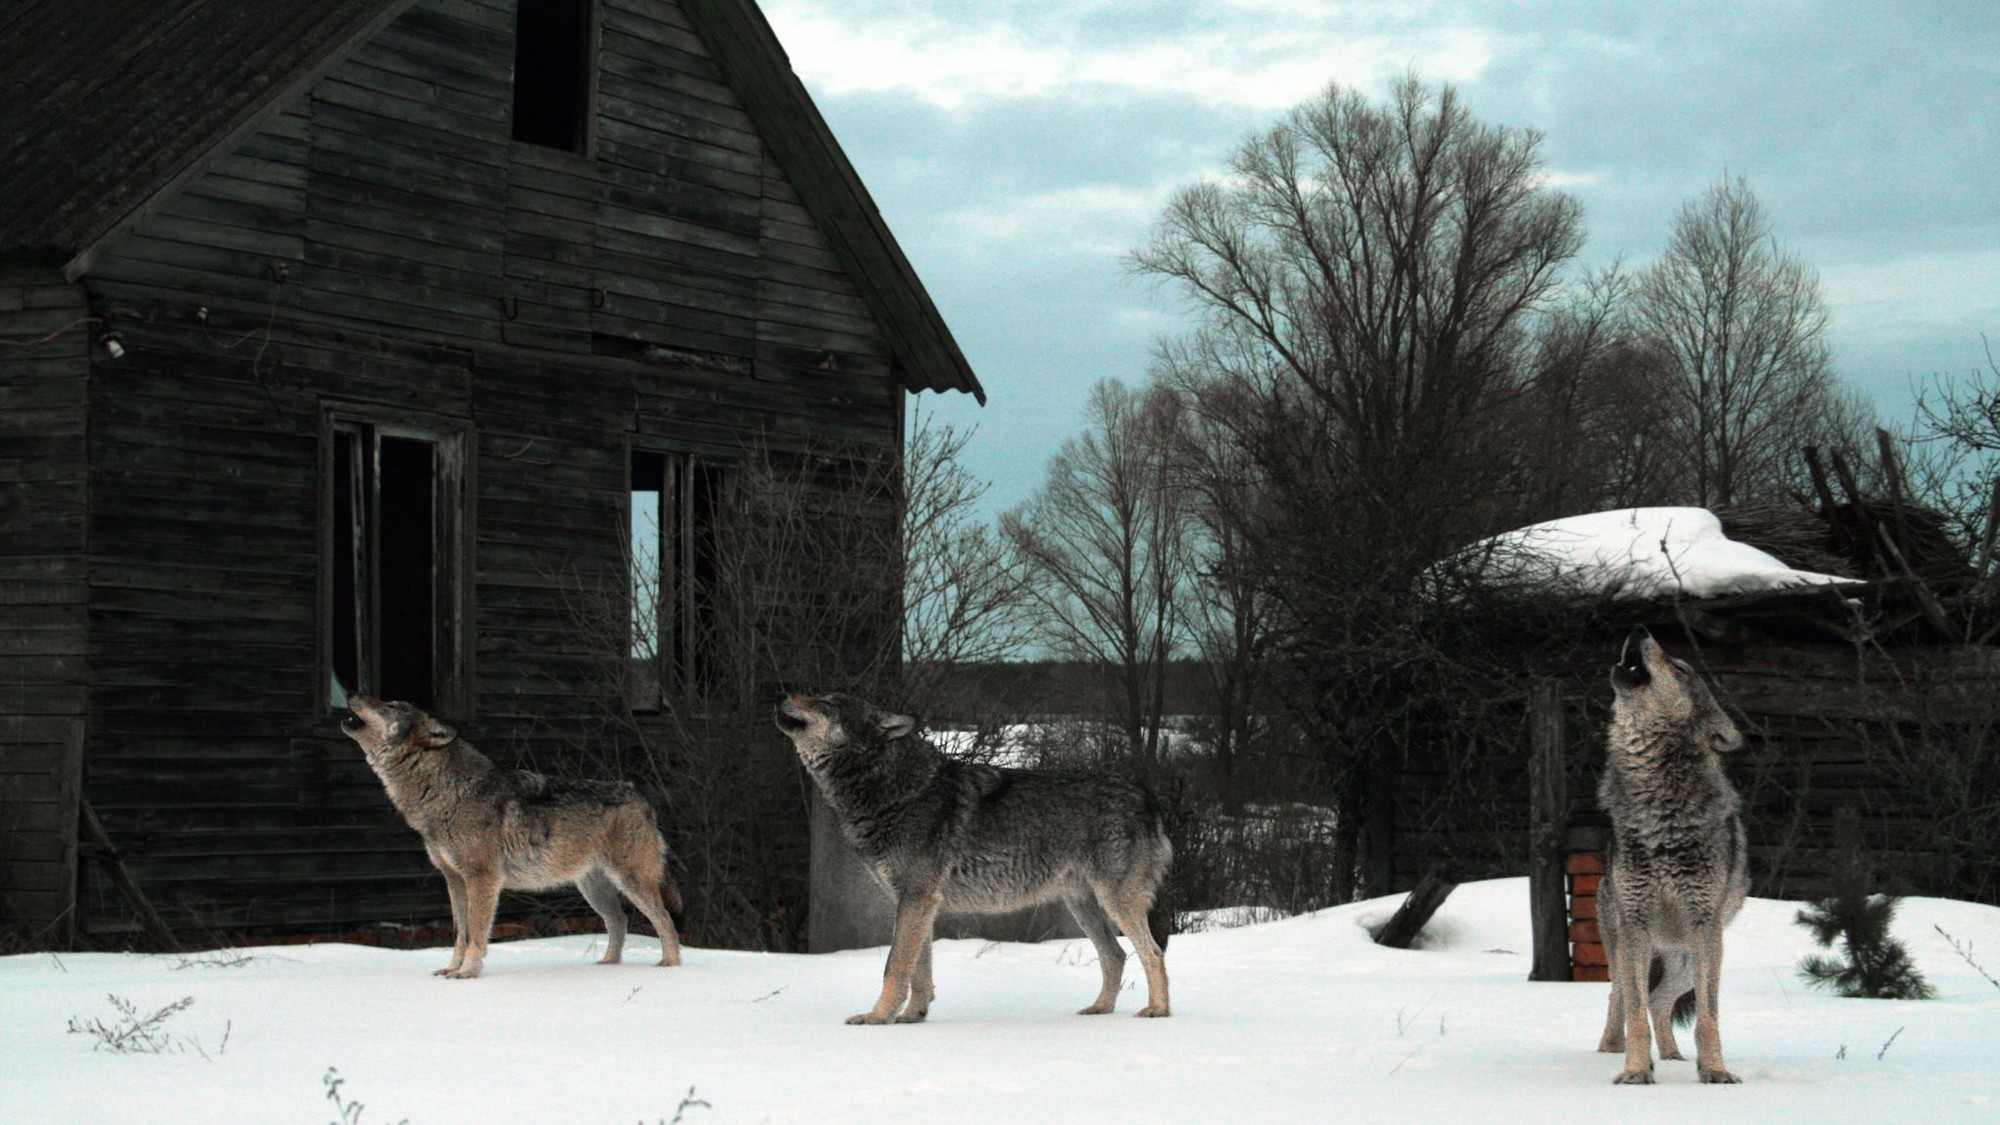 Con sói đầu tiên trong lịch sử rời khỏi Chernobyl, giới khoa học đang phải bám rất sát - Ảnh 3.